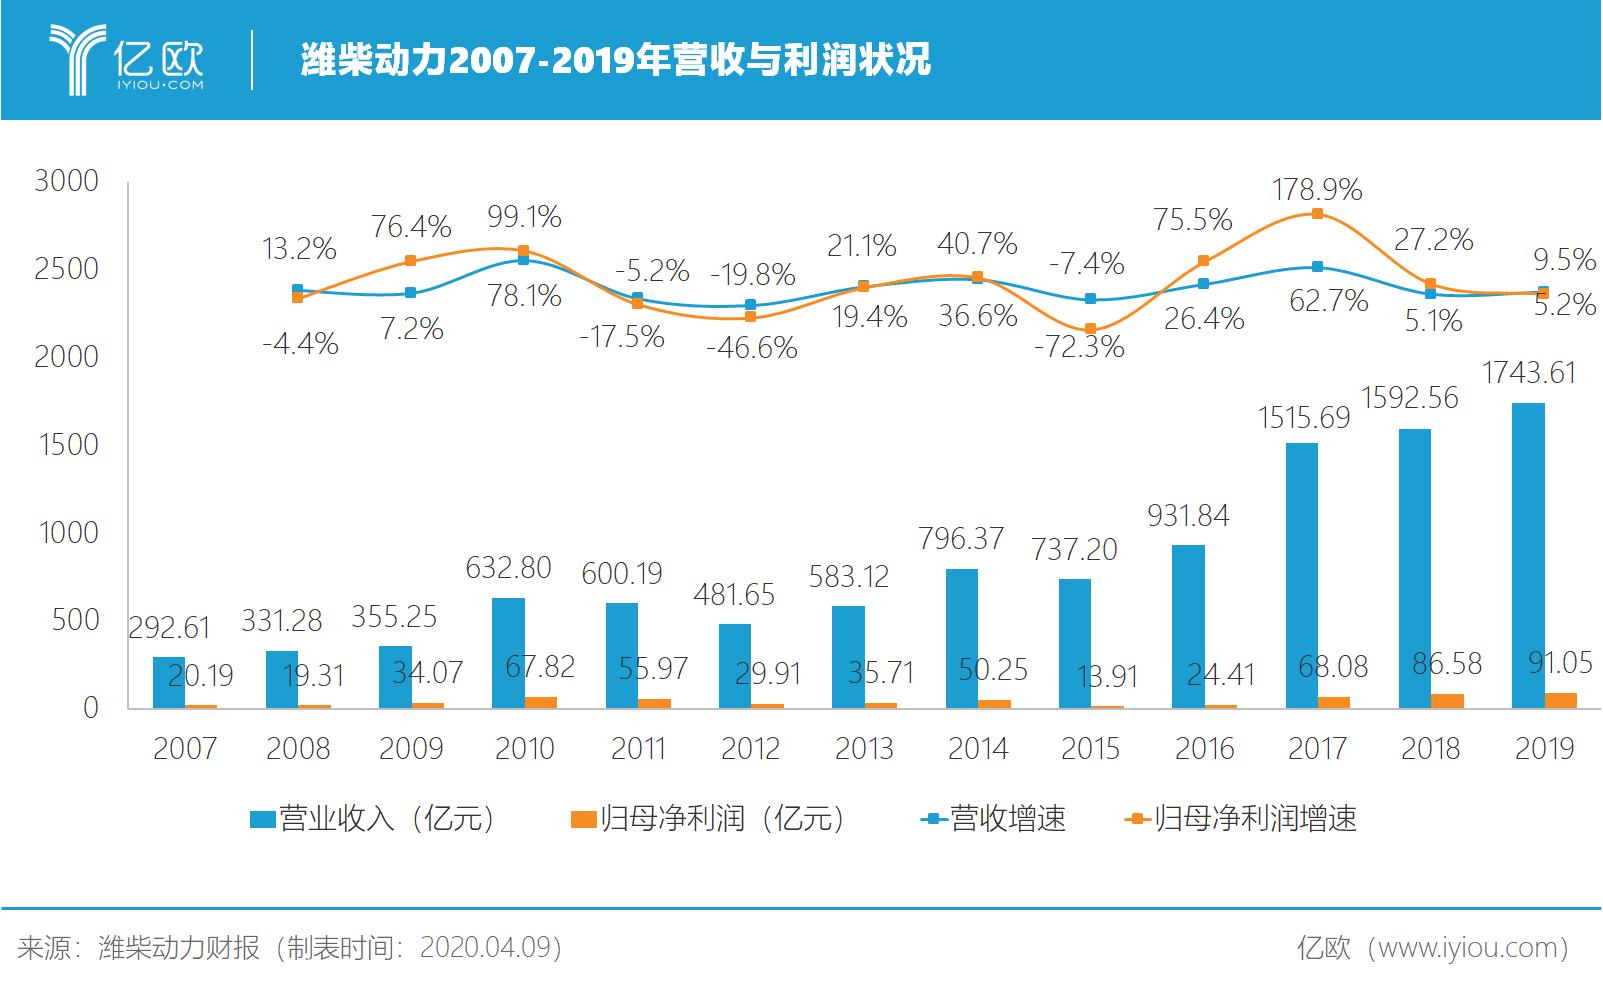 潍柴动力2007-2019年营收与收好状况